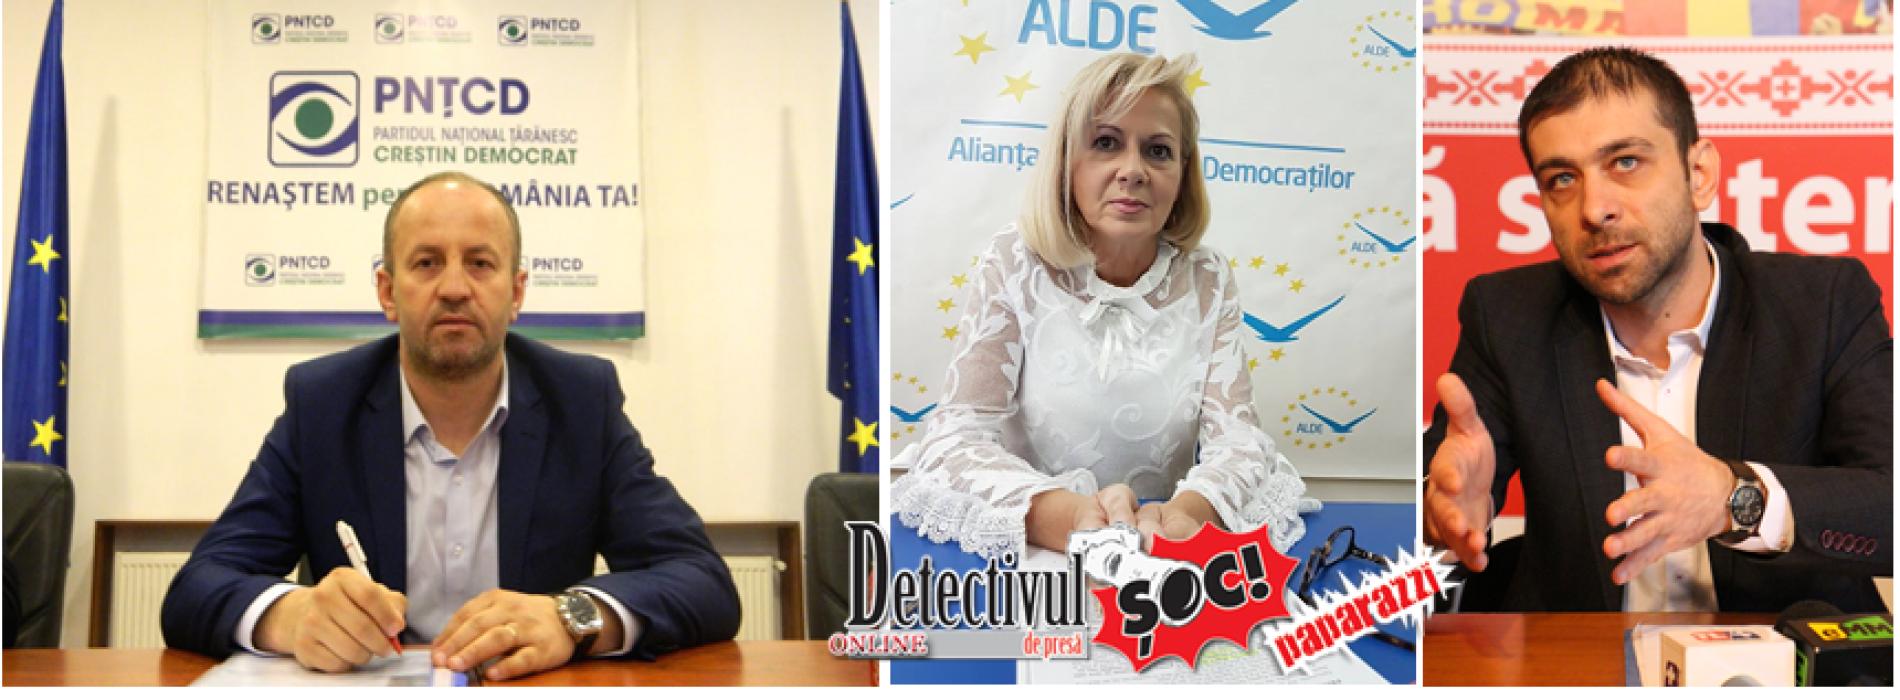 Pentru unii, MUMĂ, pentru ALDE, CIUMĂ